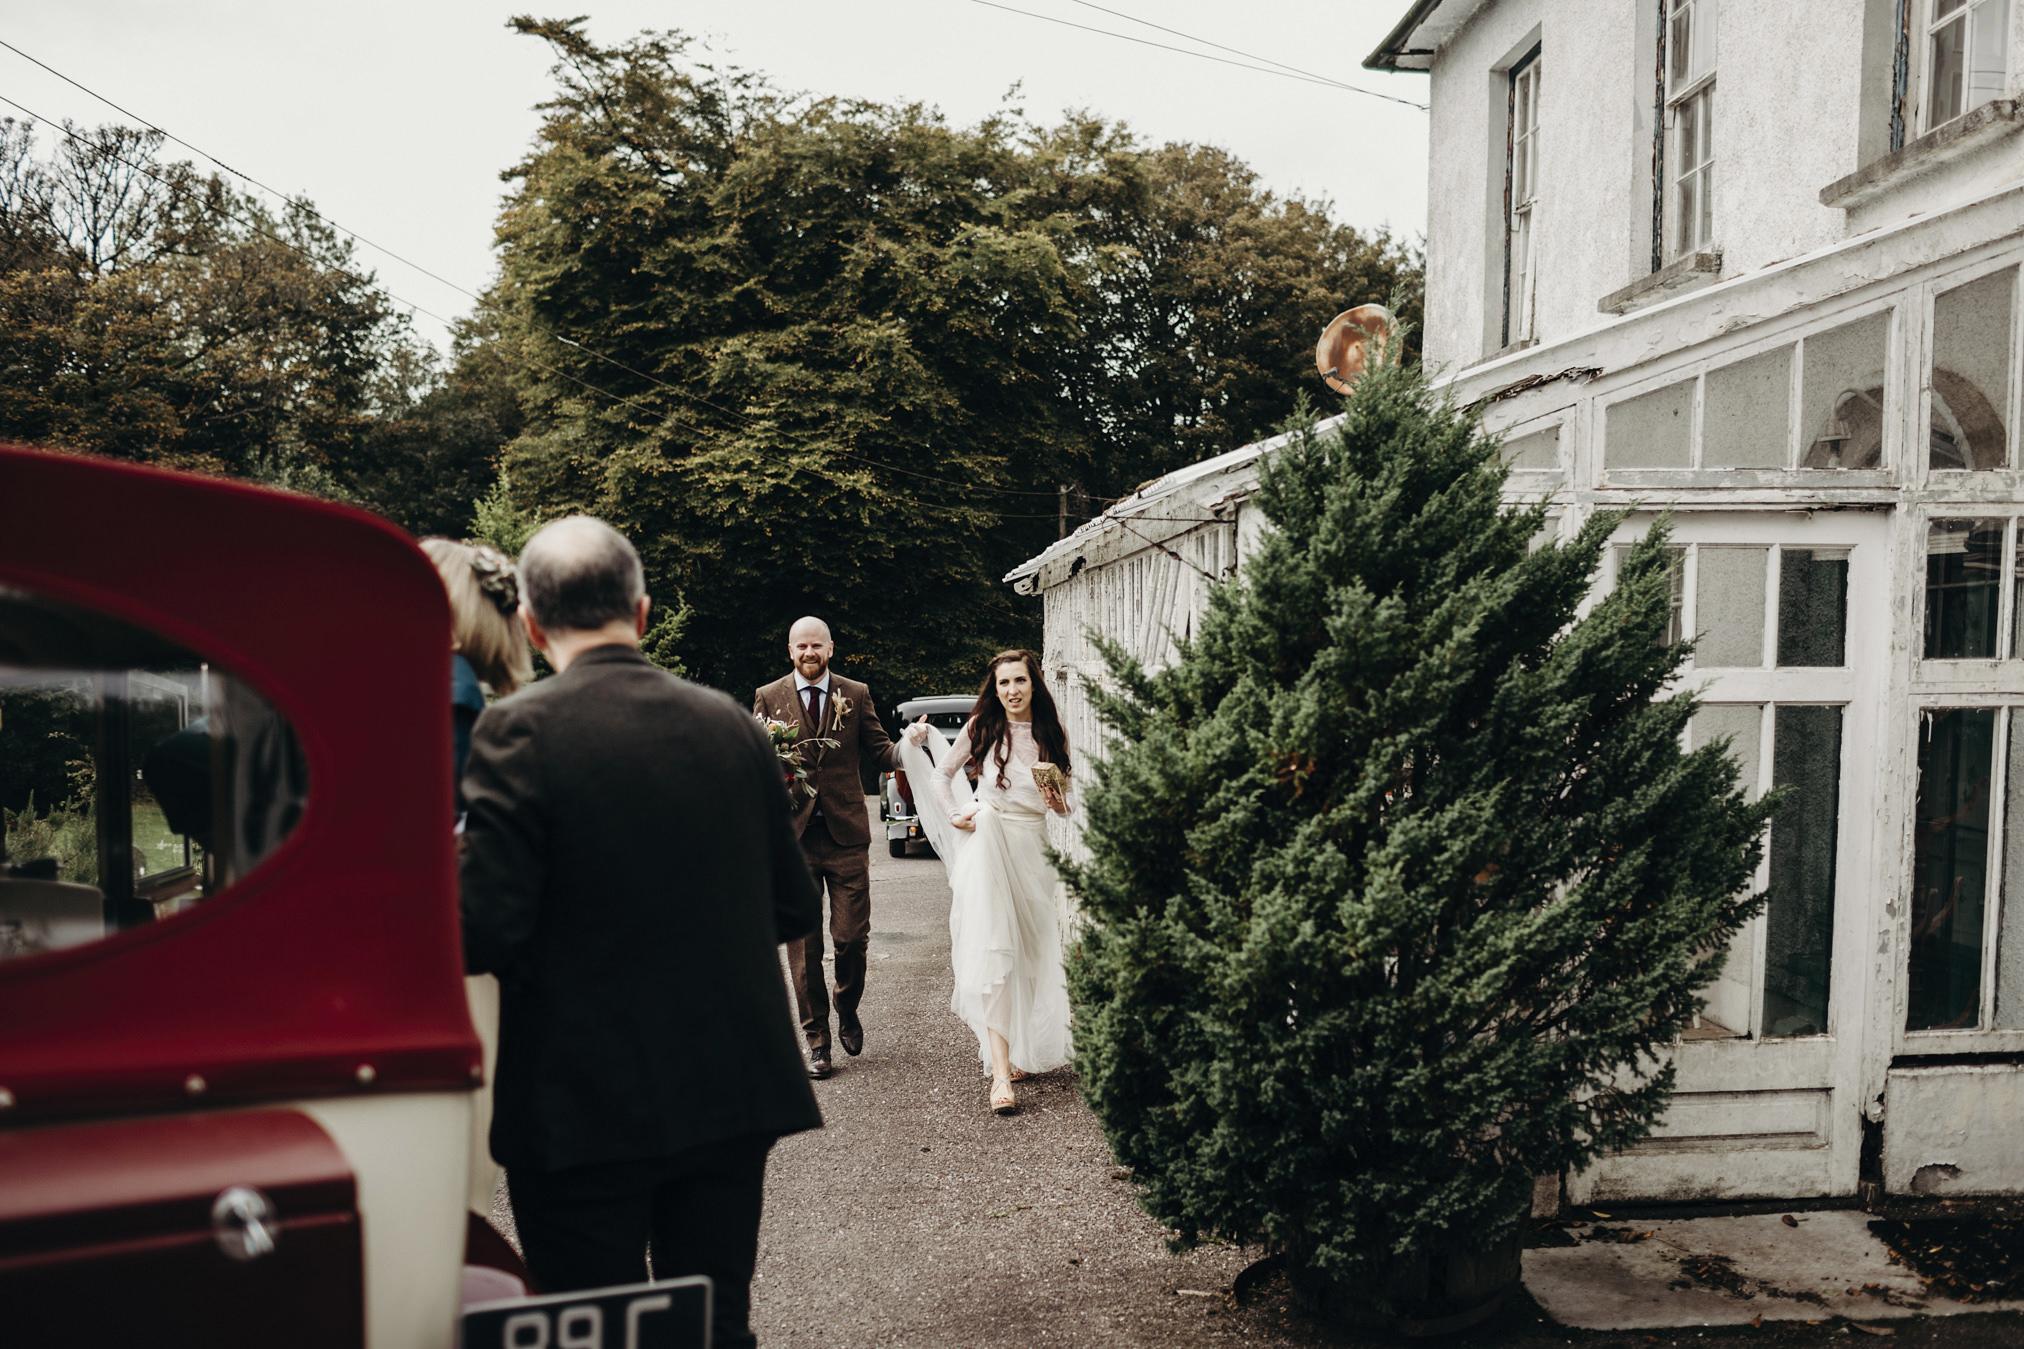 wedding photographer irelandGraciela Vilagudin Photography572.jpg